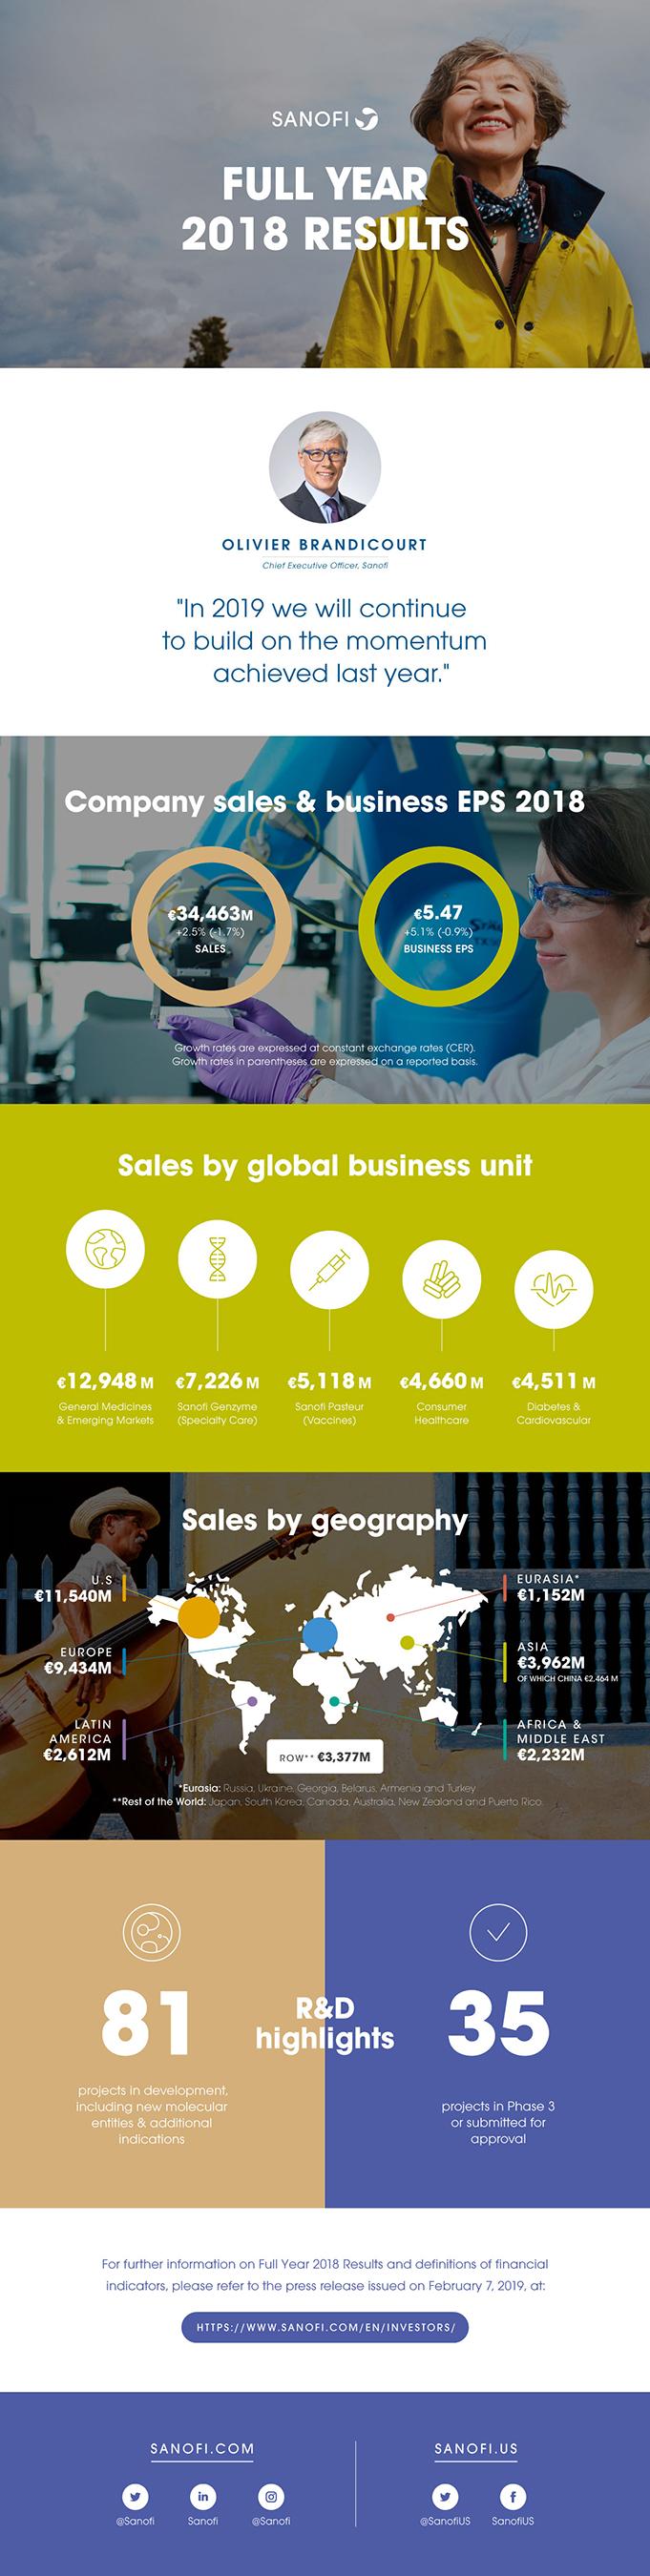 Sanofi 2018 Annual Results Infographic